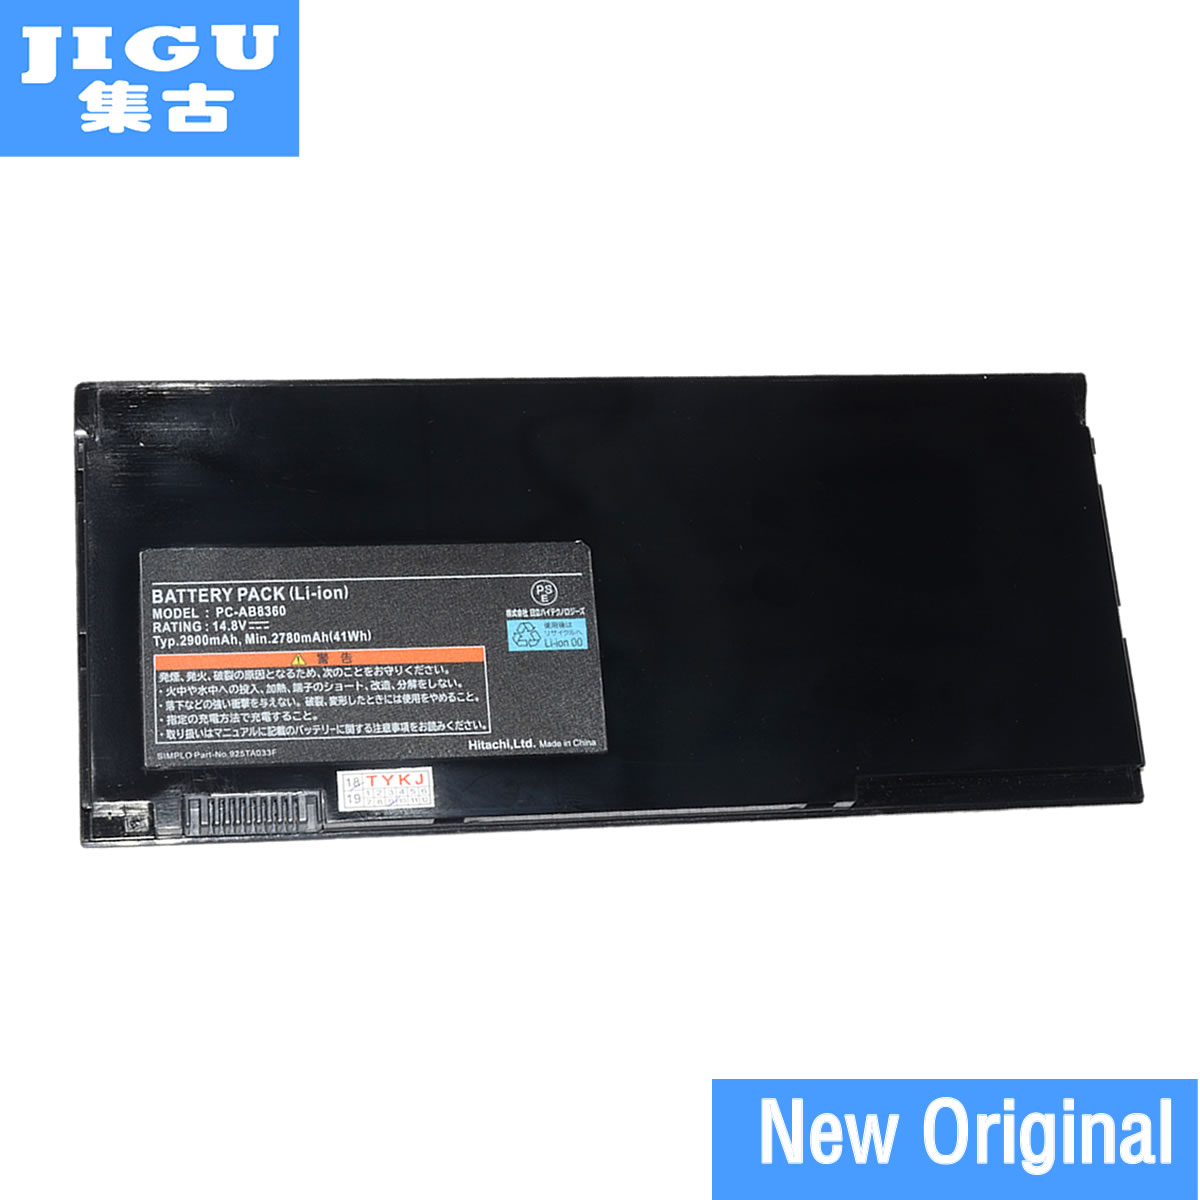 JIGU ORIGNAL Laptop Battery BTY-S31 BTY-S32 FOR MSI S30 X320 X320X X340 X340X X350 X350X X360 X360X X370 X370X X400JIGU ORIGNAL Laptop Battery BTY-S31 BTY-S32 FOR MSI S30 X320 X320X X340 X340X X350 X350X X360 X360X X370 X370X X400